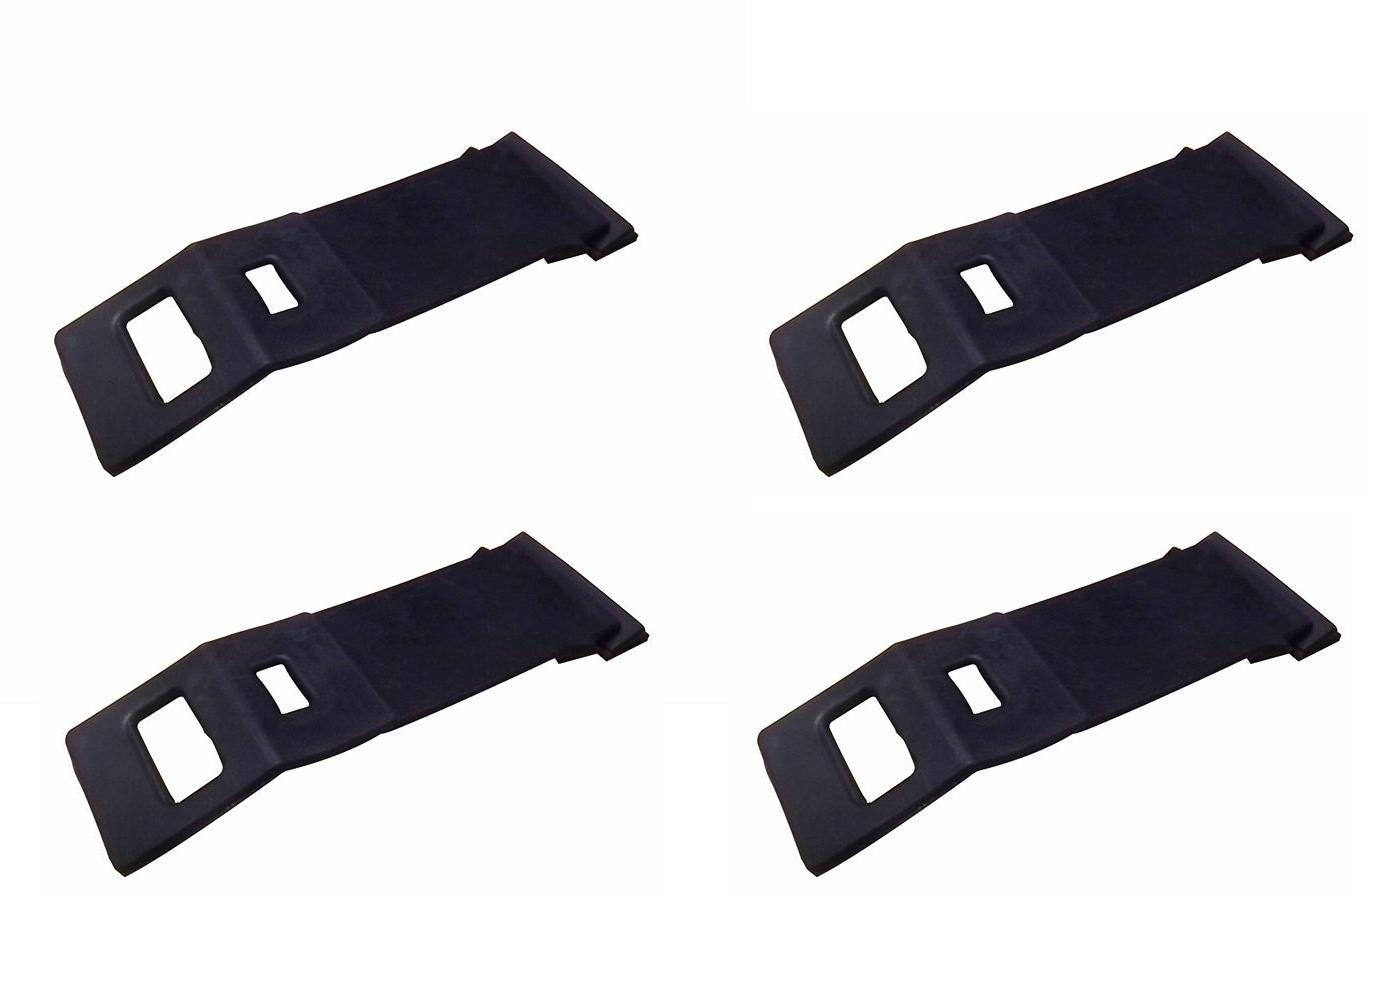 Presilha Paralama Tração Mb Axor - Kit Com 4 Unidades